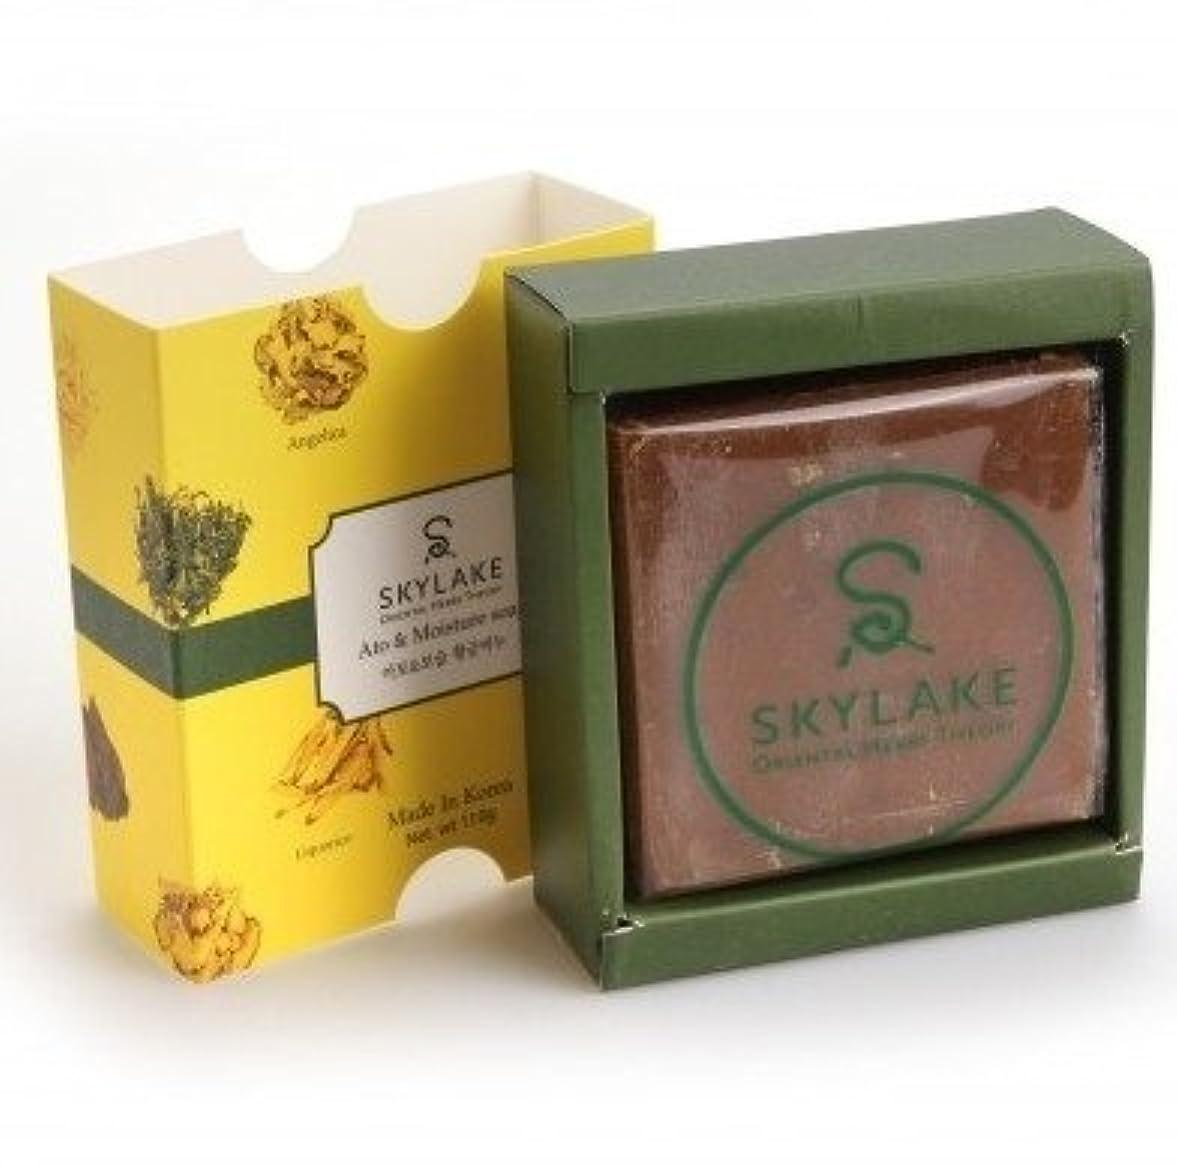 プライムハブゾーン[1+1]ハヌルホス[Skylake] 漢方アロマ石鹸Oriental Herbs Theory Soap (アト?保湿用)